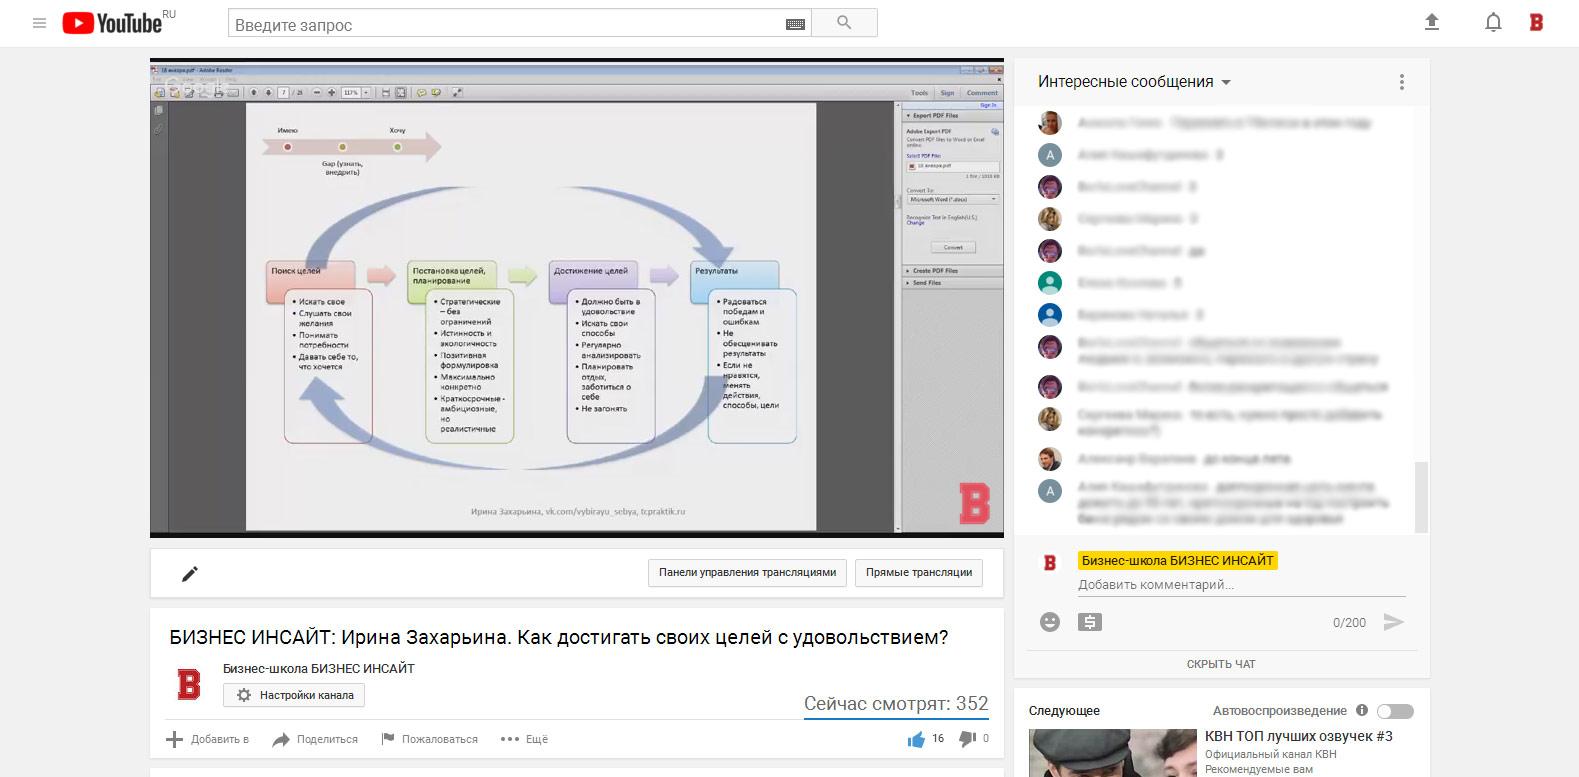 Ирина Захарьина провела бесплатный вебинар на площадке БИЗНЕС ИНСАЙТ